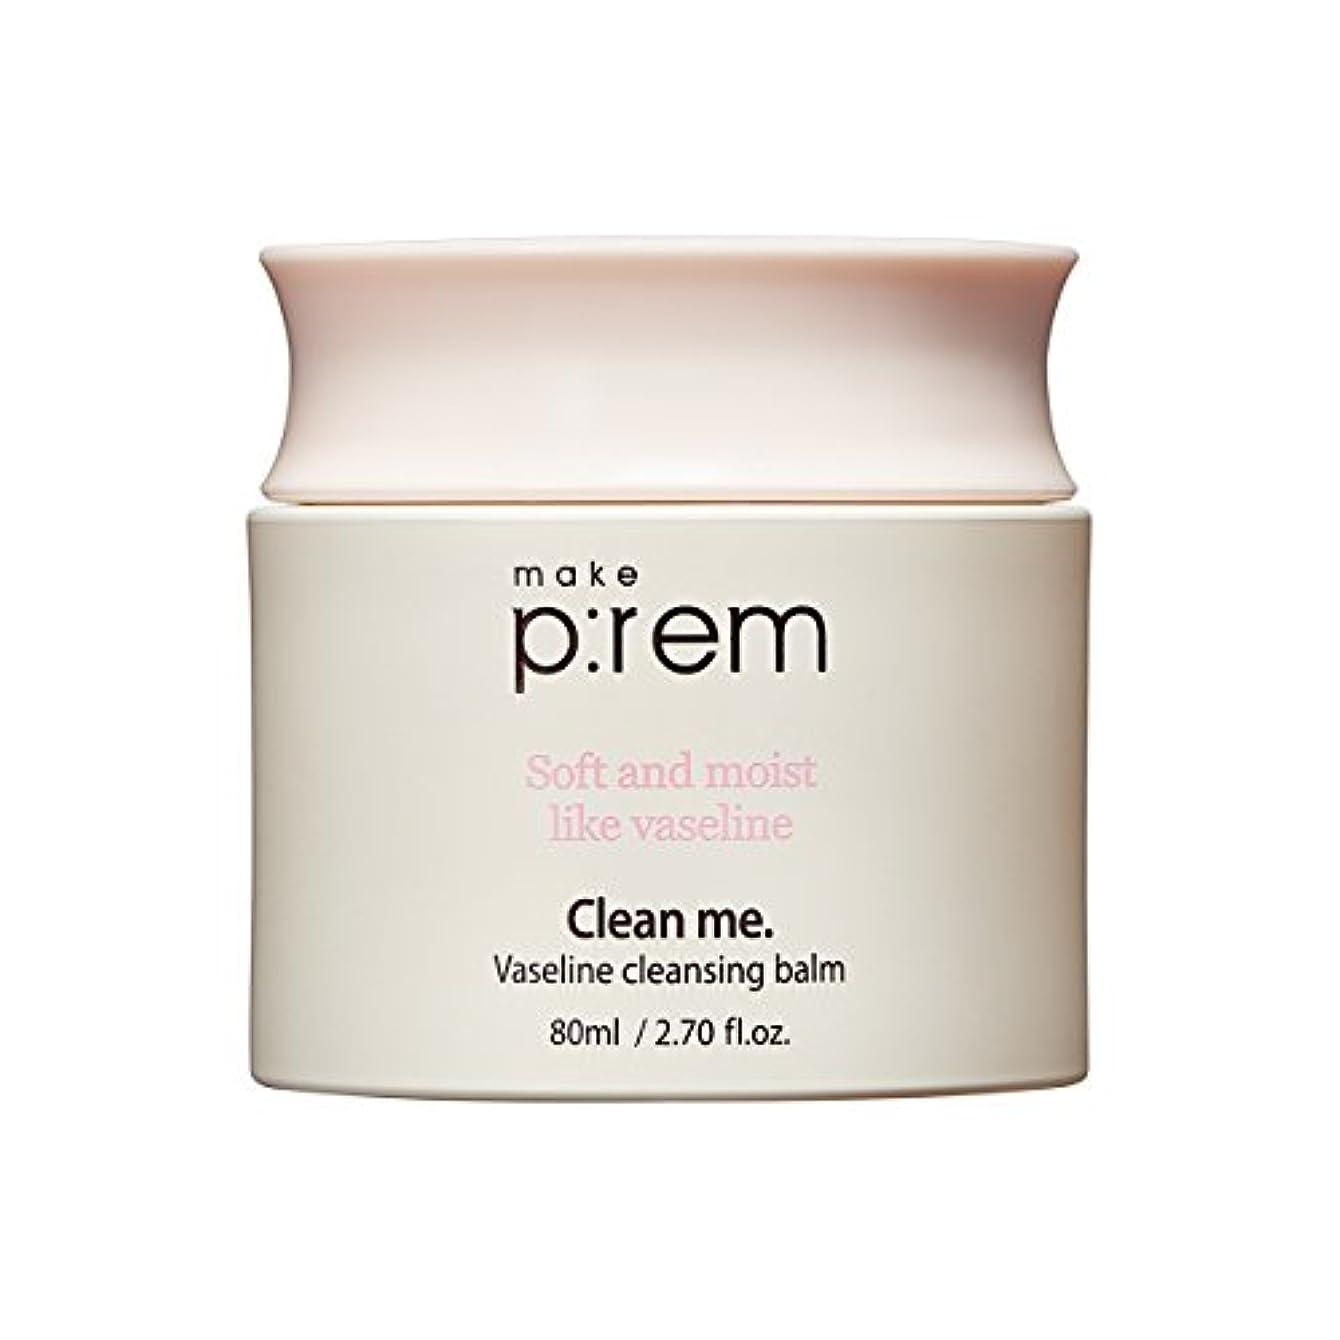 くるみ流すぼかし[MAKE P:REM] clean me ワセリン クレンジング バーム Vaseline cleansing balm 80ml / 韓国コスメ, 韓国直送品